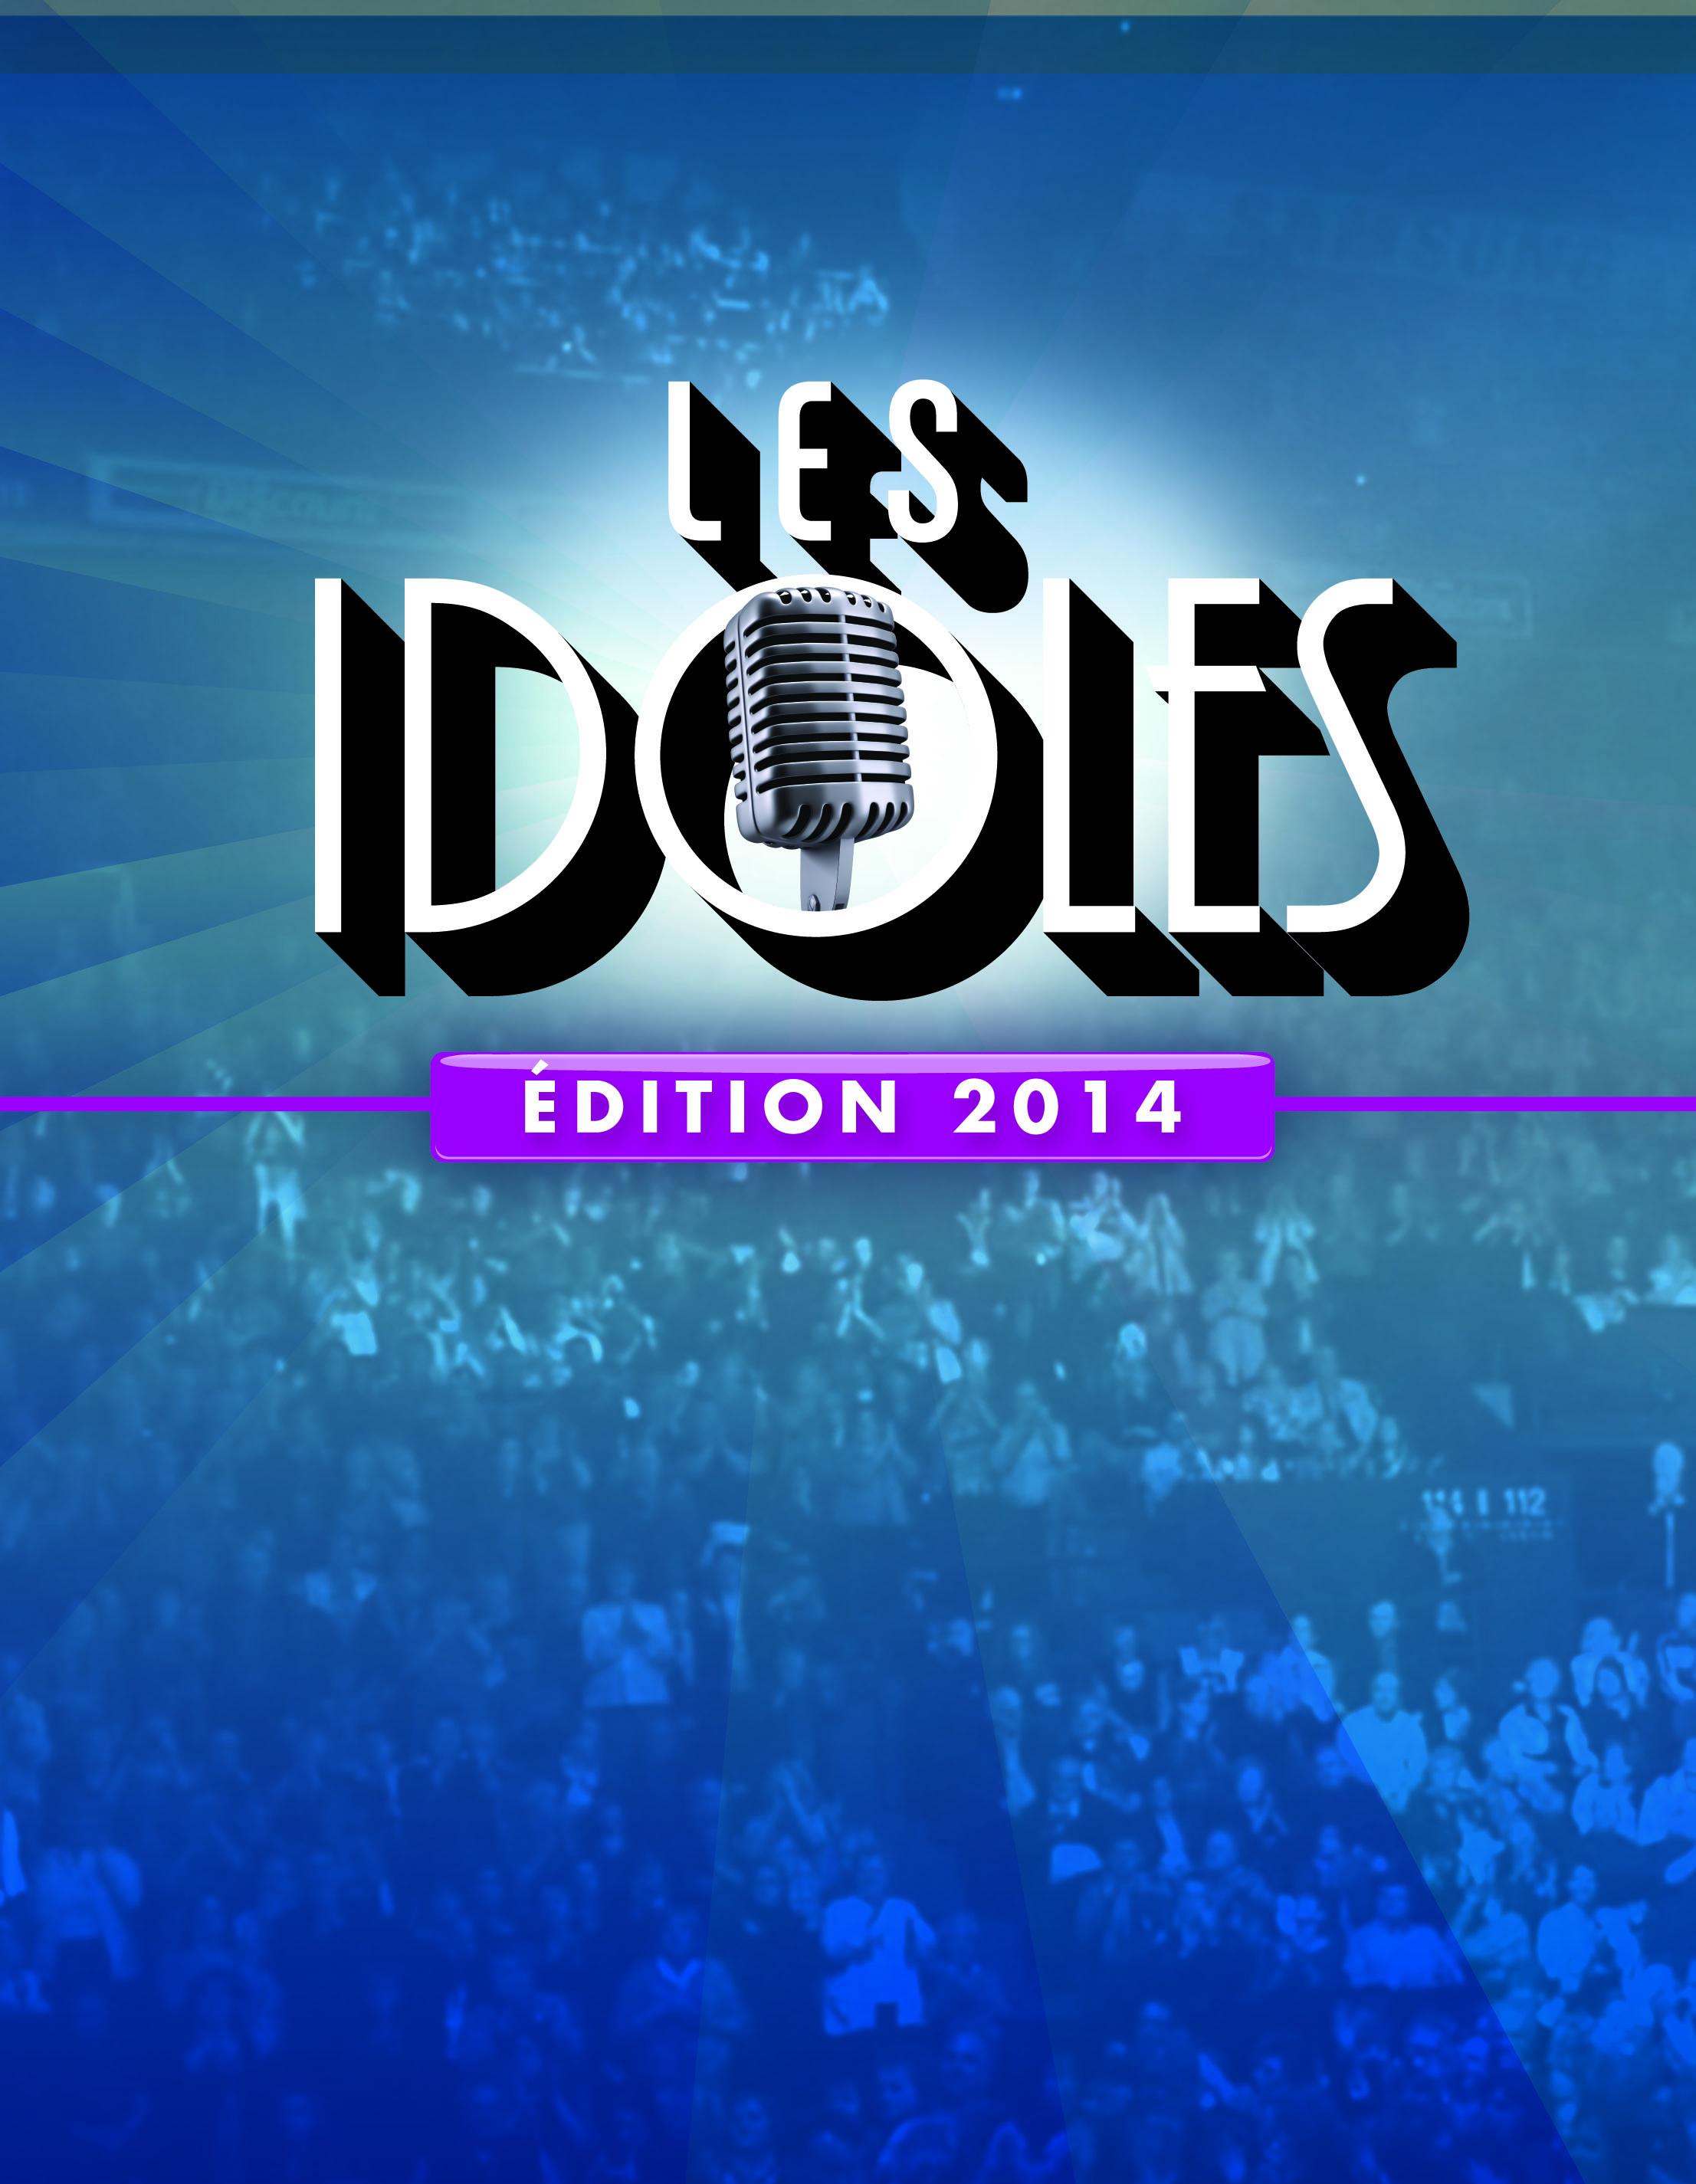 Les idoles édition 2014